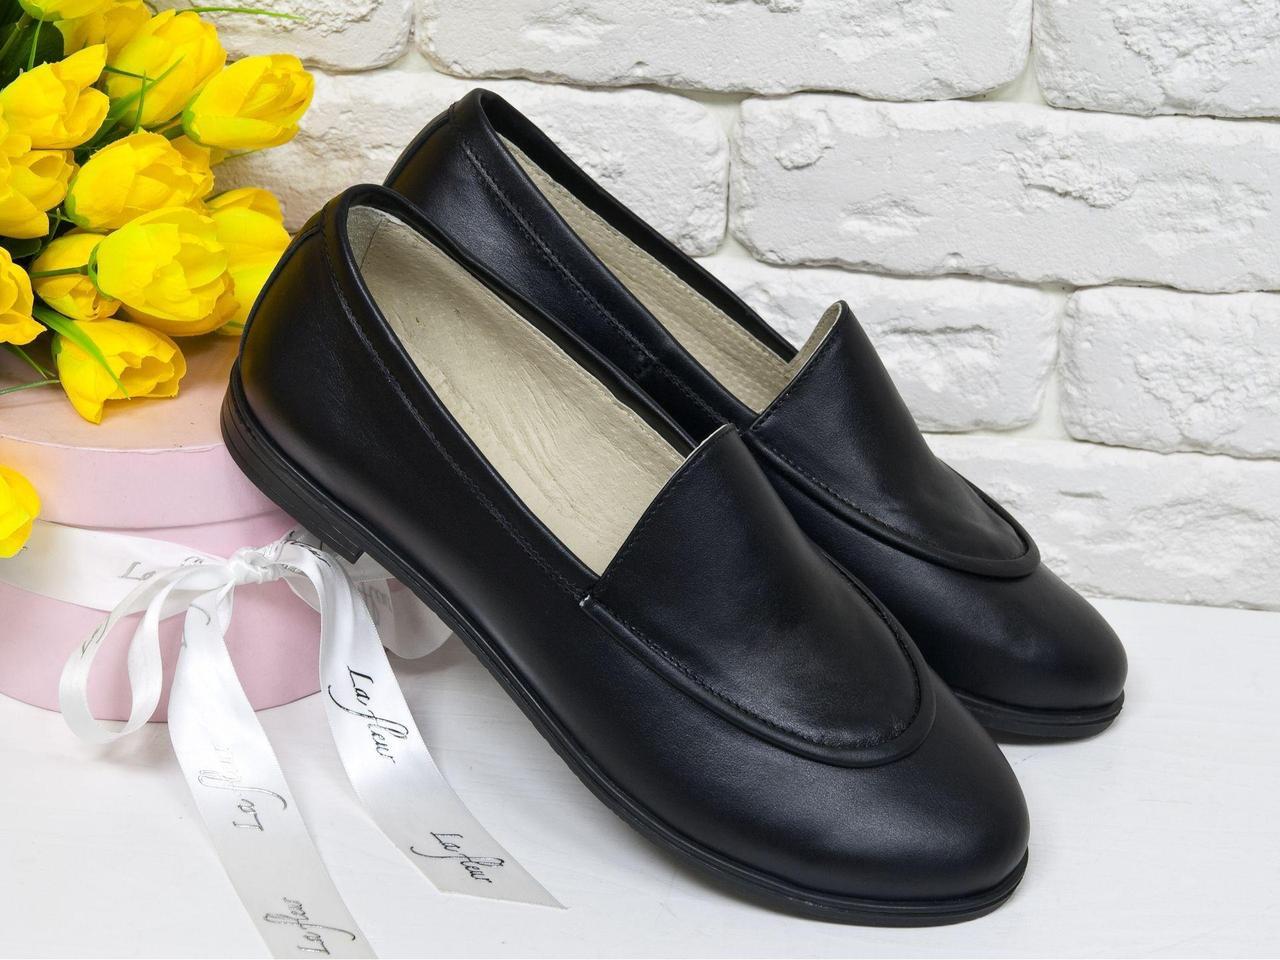 Кожаные туфли-лоферы с отстрочкой в черном цвете на удобной подошве и не высоком каблучке,  Т-17060